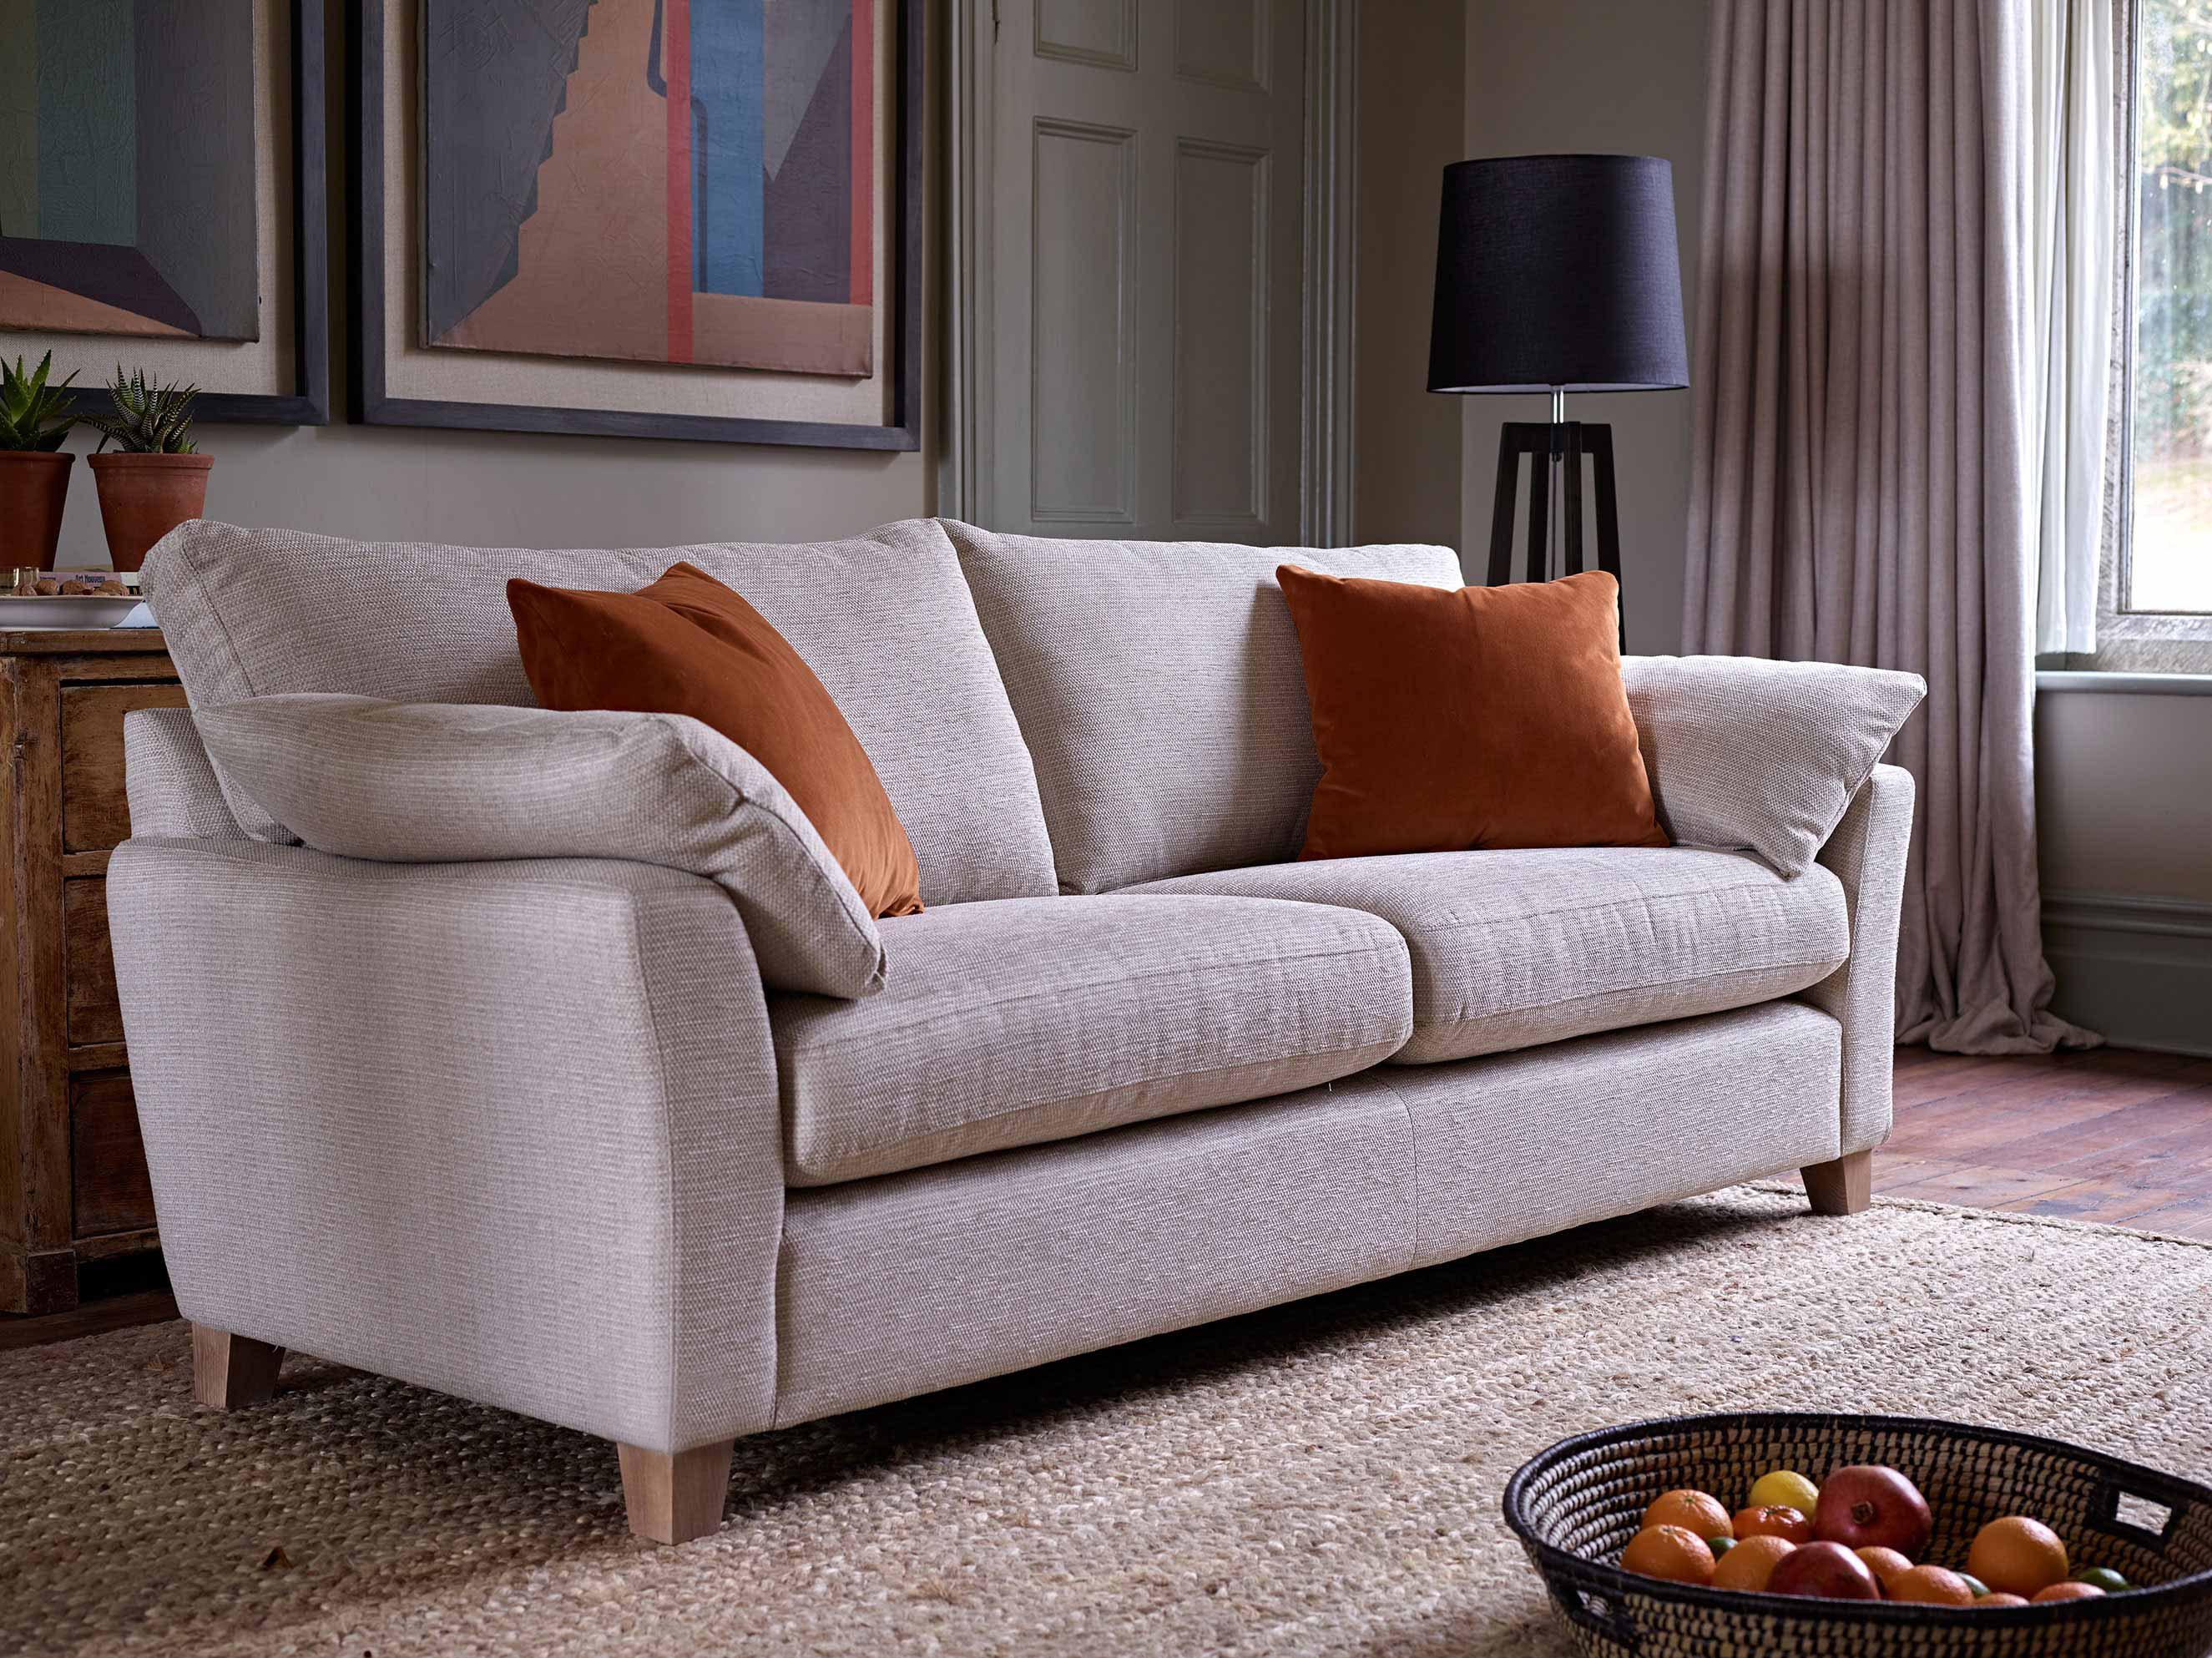 Hogarth Westbridge Furniture Designs